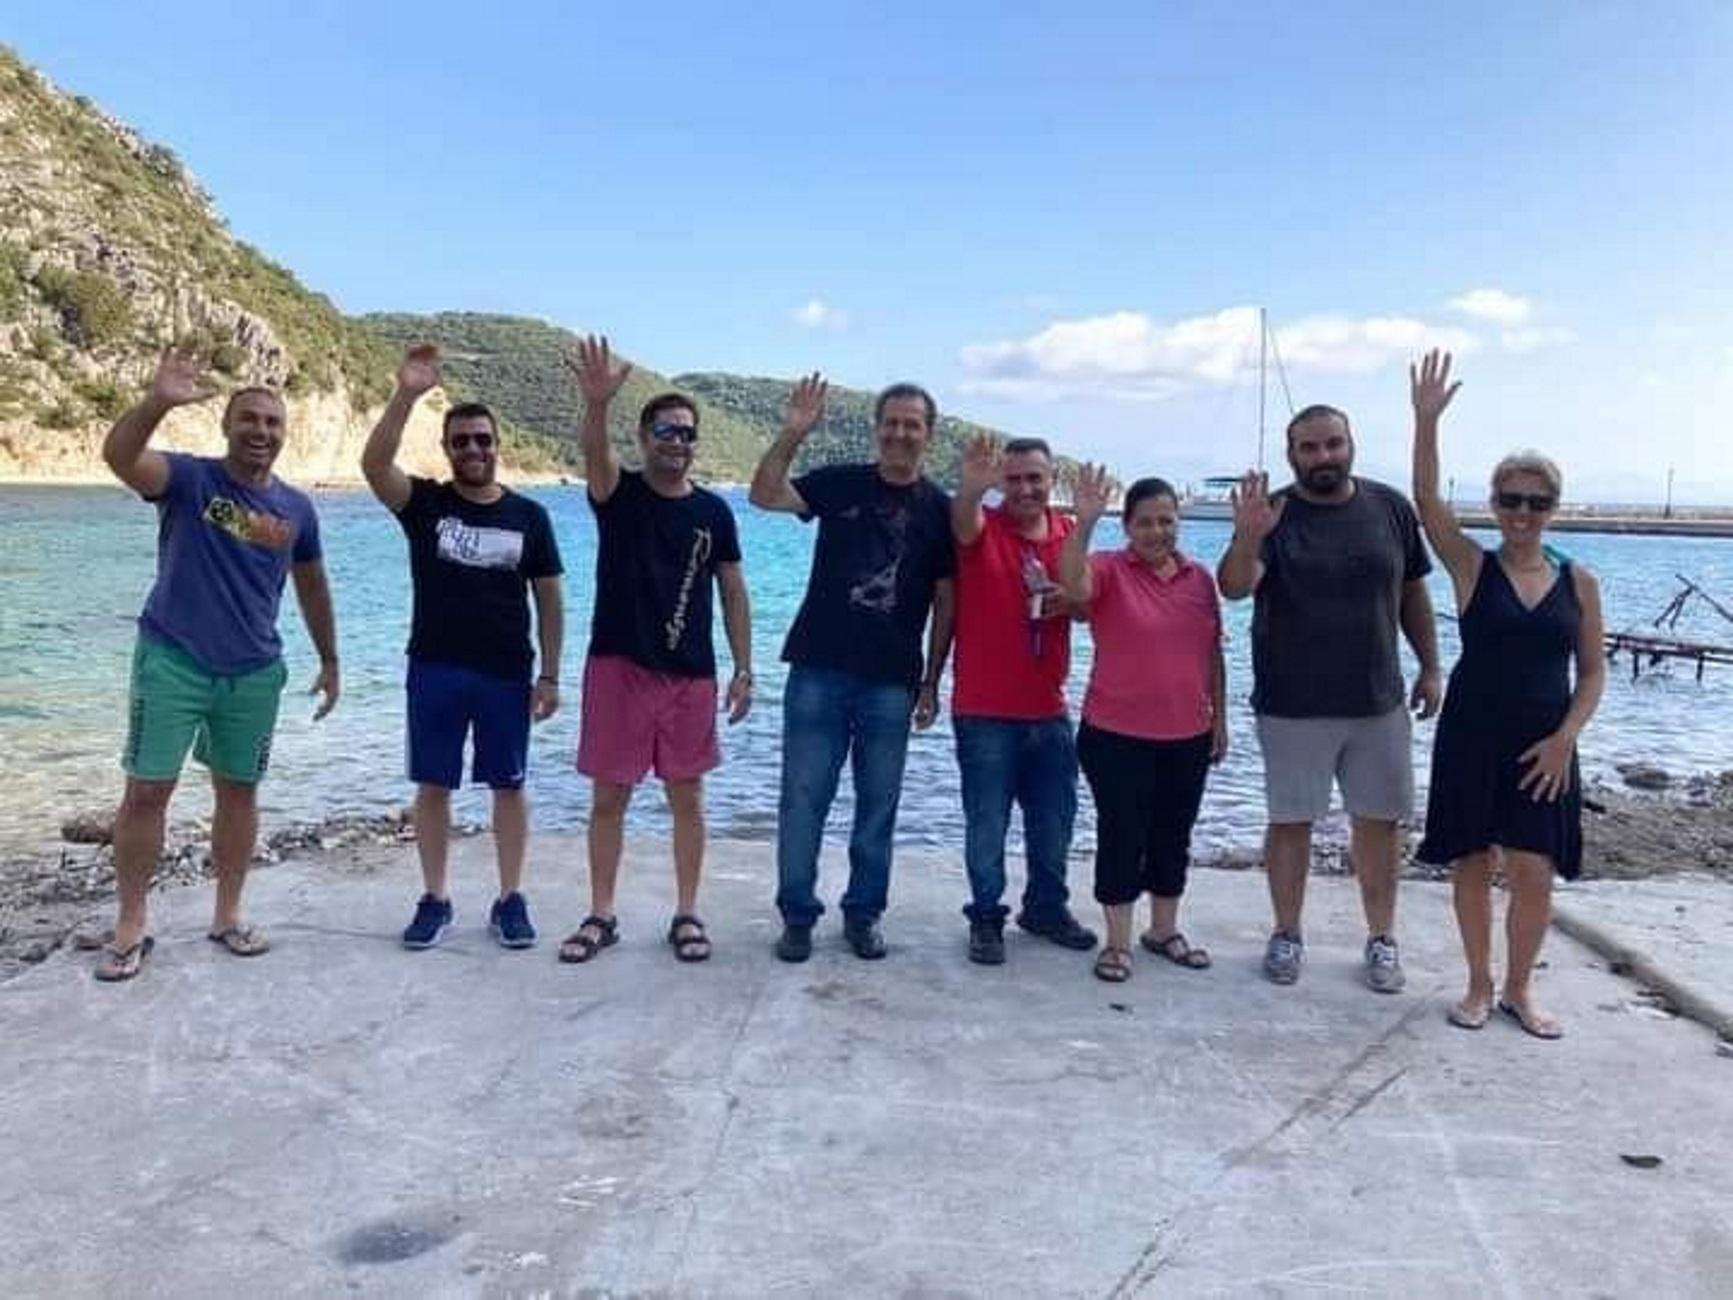 Ιθάκη: Χαμόγελα ελπίδας μπροστά στα χαλάσματα! Έτσι συγκίνησαν οι επιχειρηματίες στις Φρίκες (Φωτό)